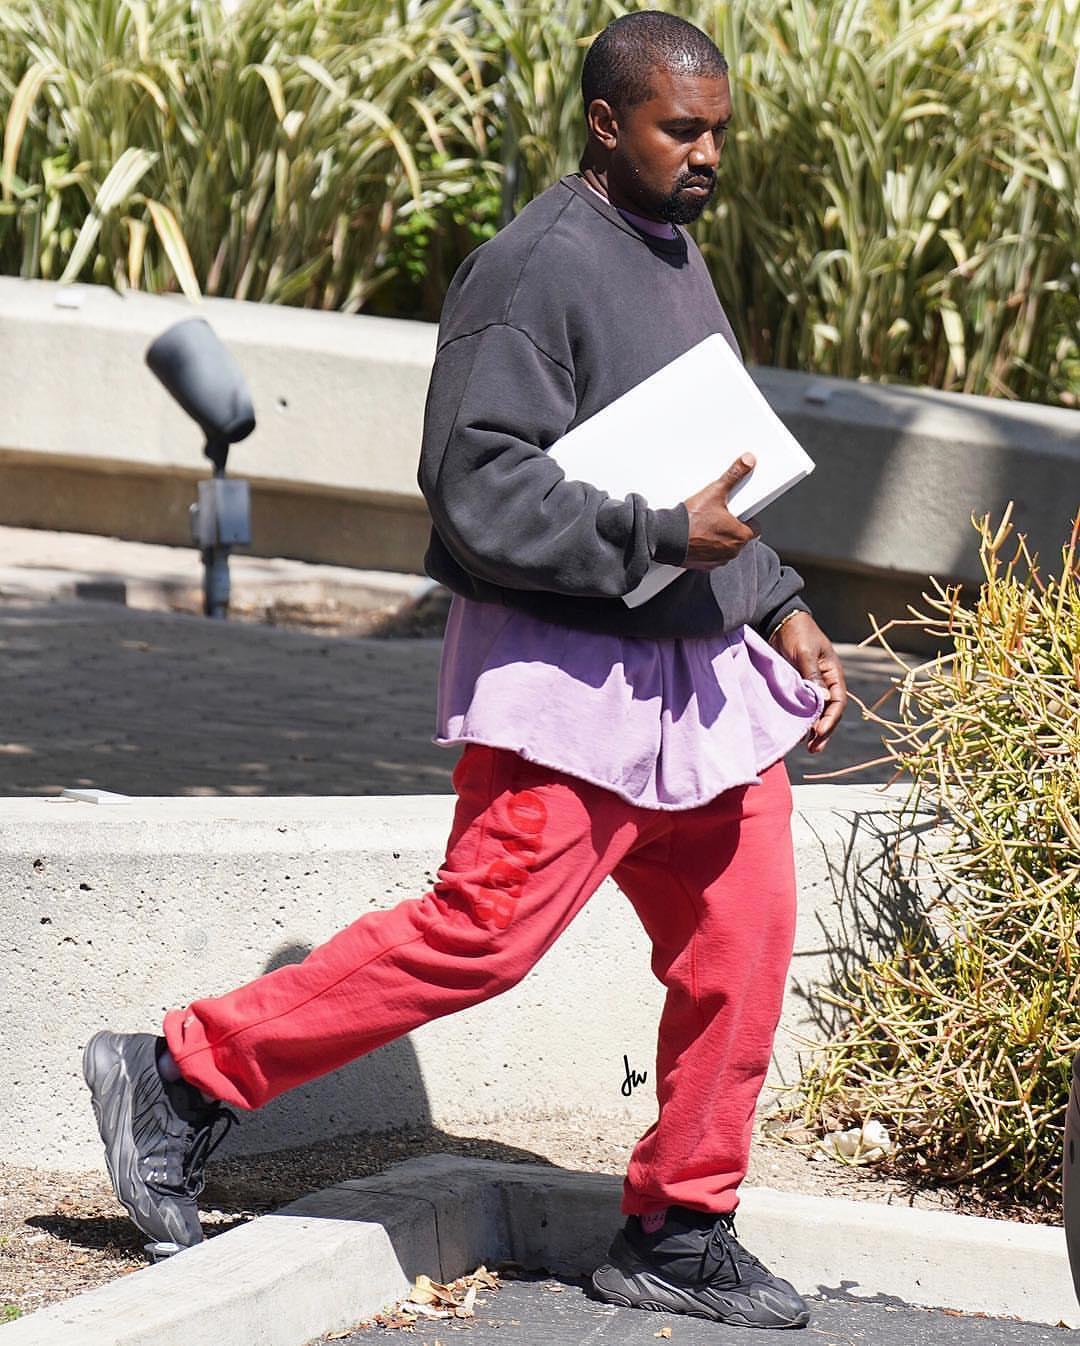 칸예 웨스트 (Kanye West)